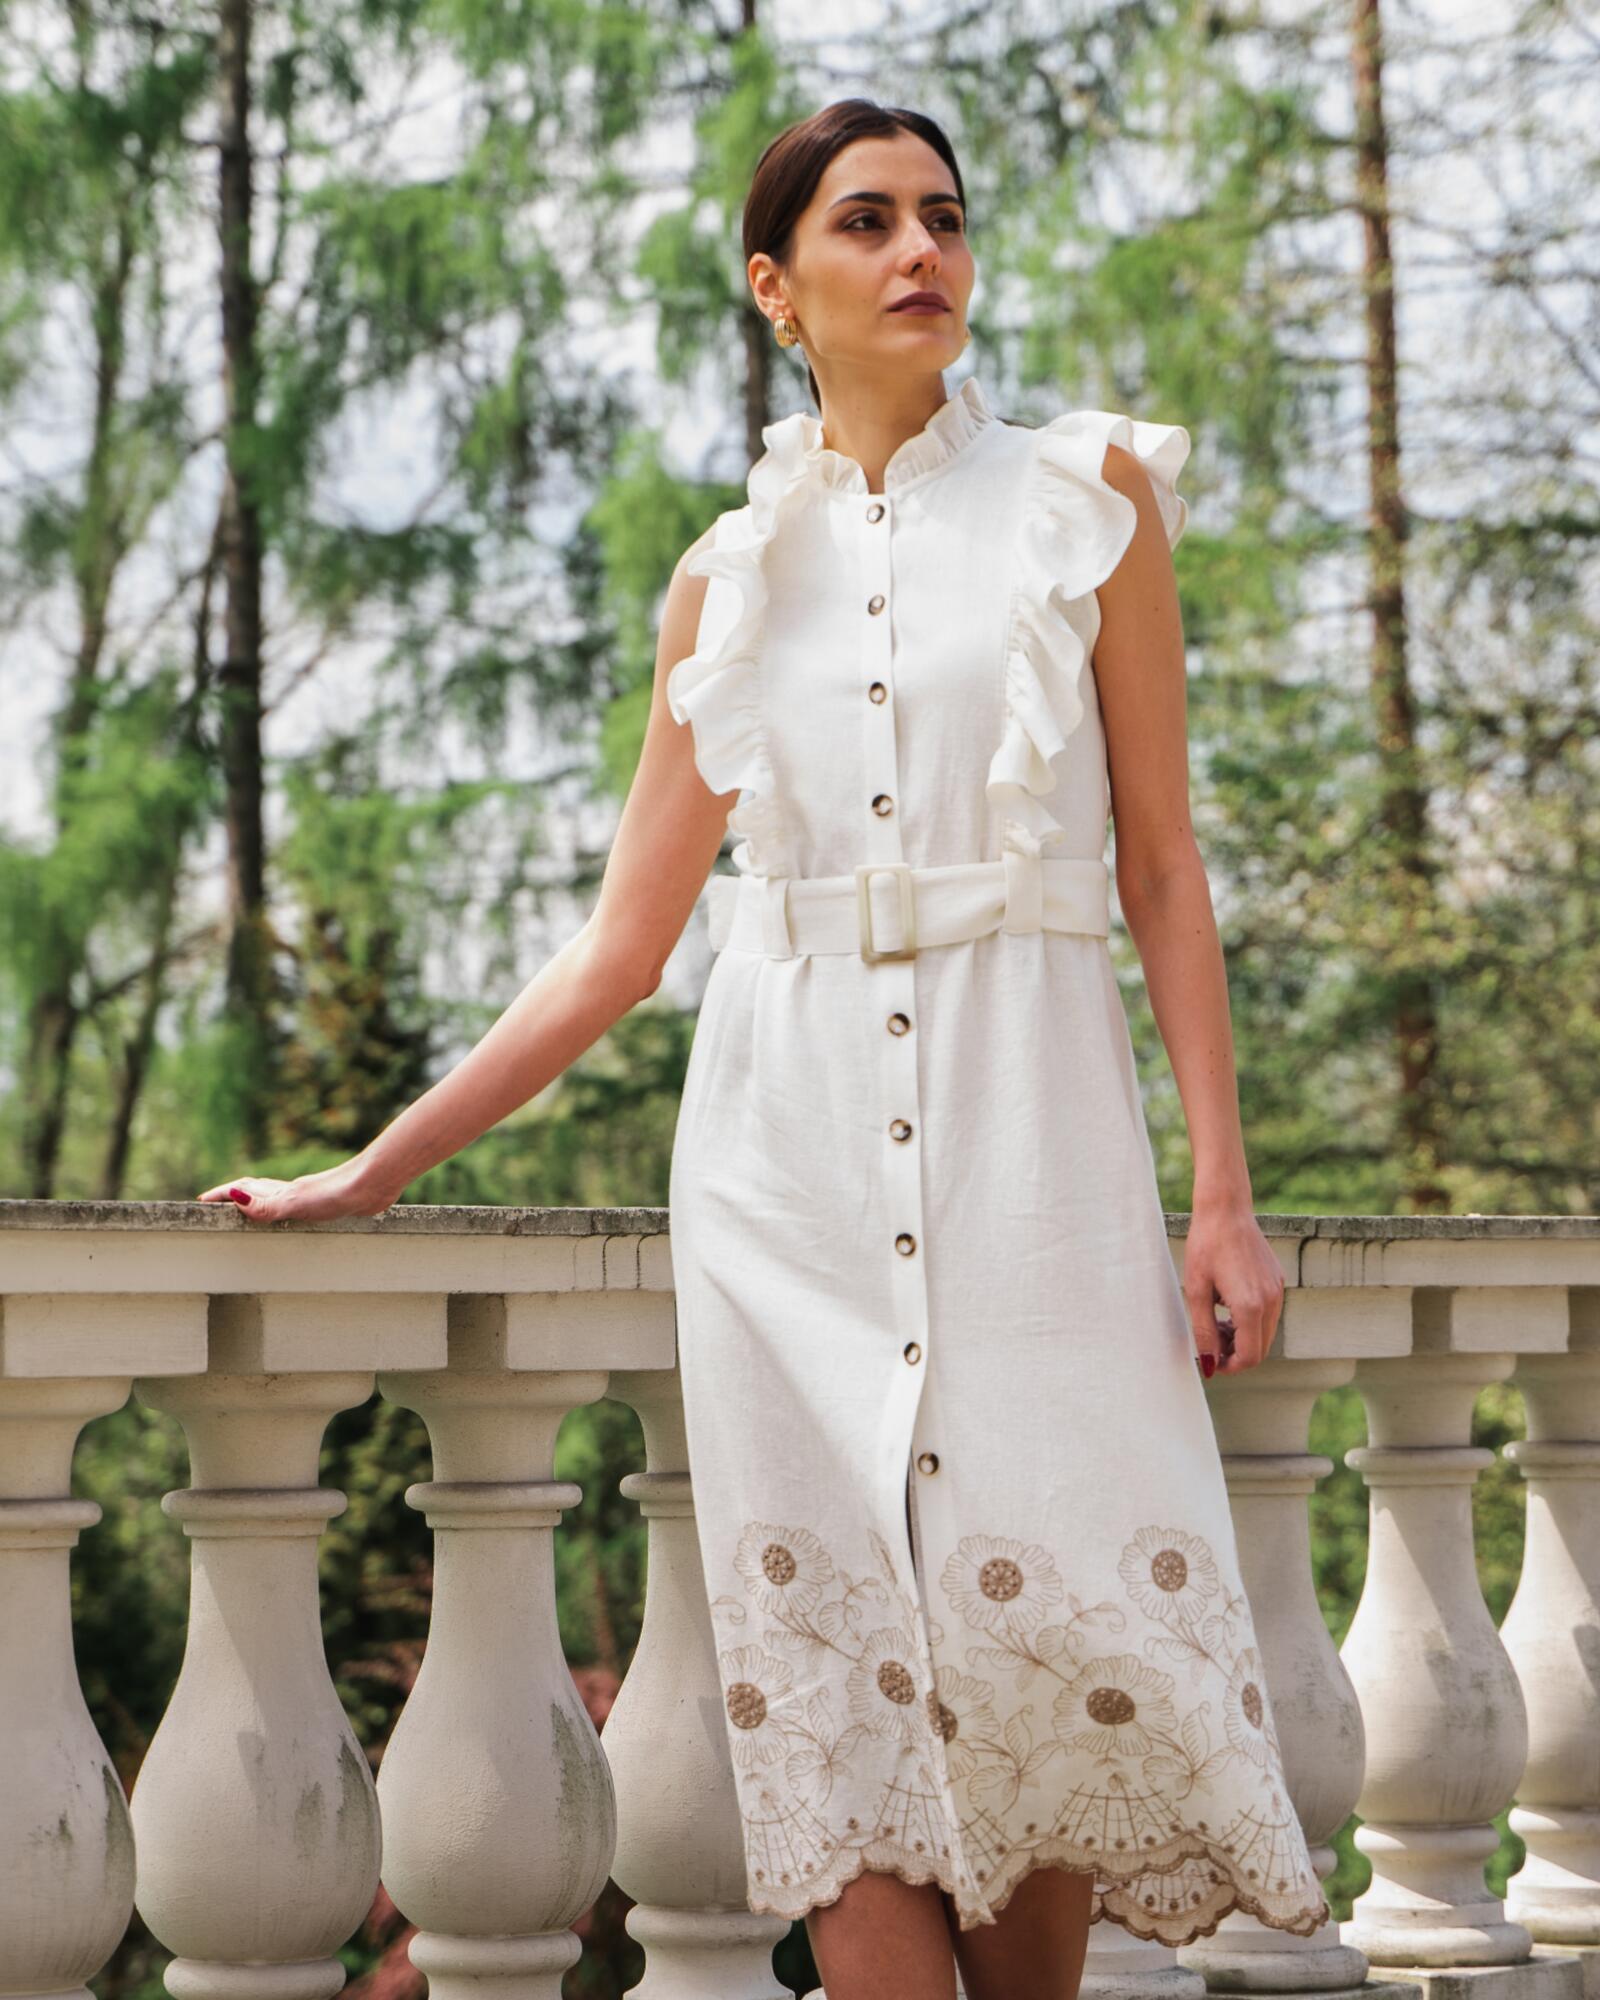 Sukienka lniano-bawełniana FLORENTINA - SYLVIA DARA SYLWIA DYDA | JestemSlow.pl